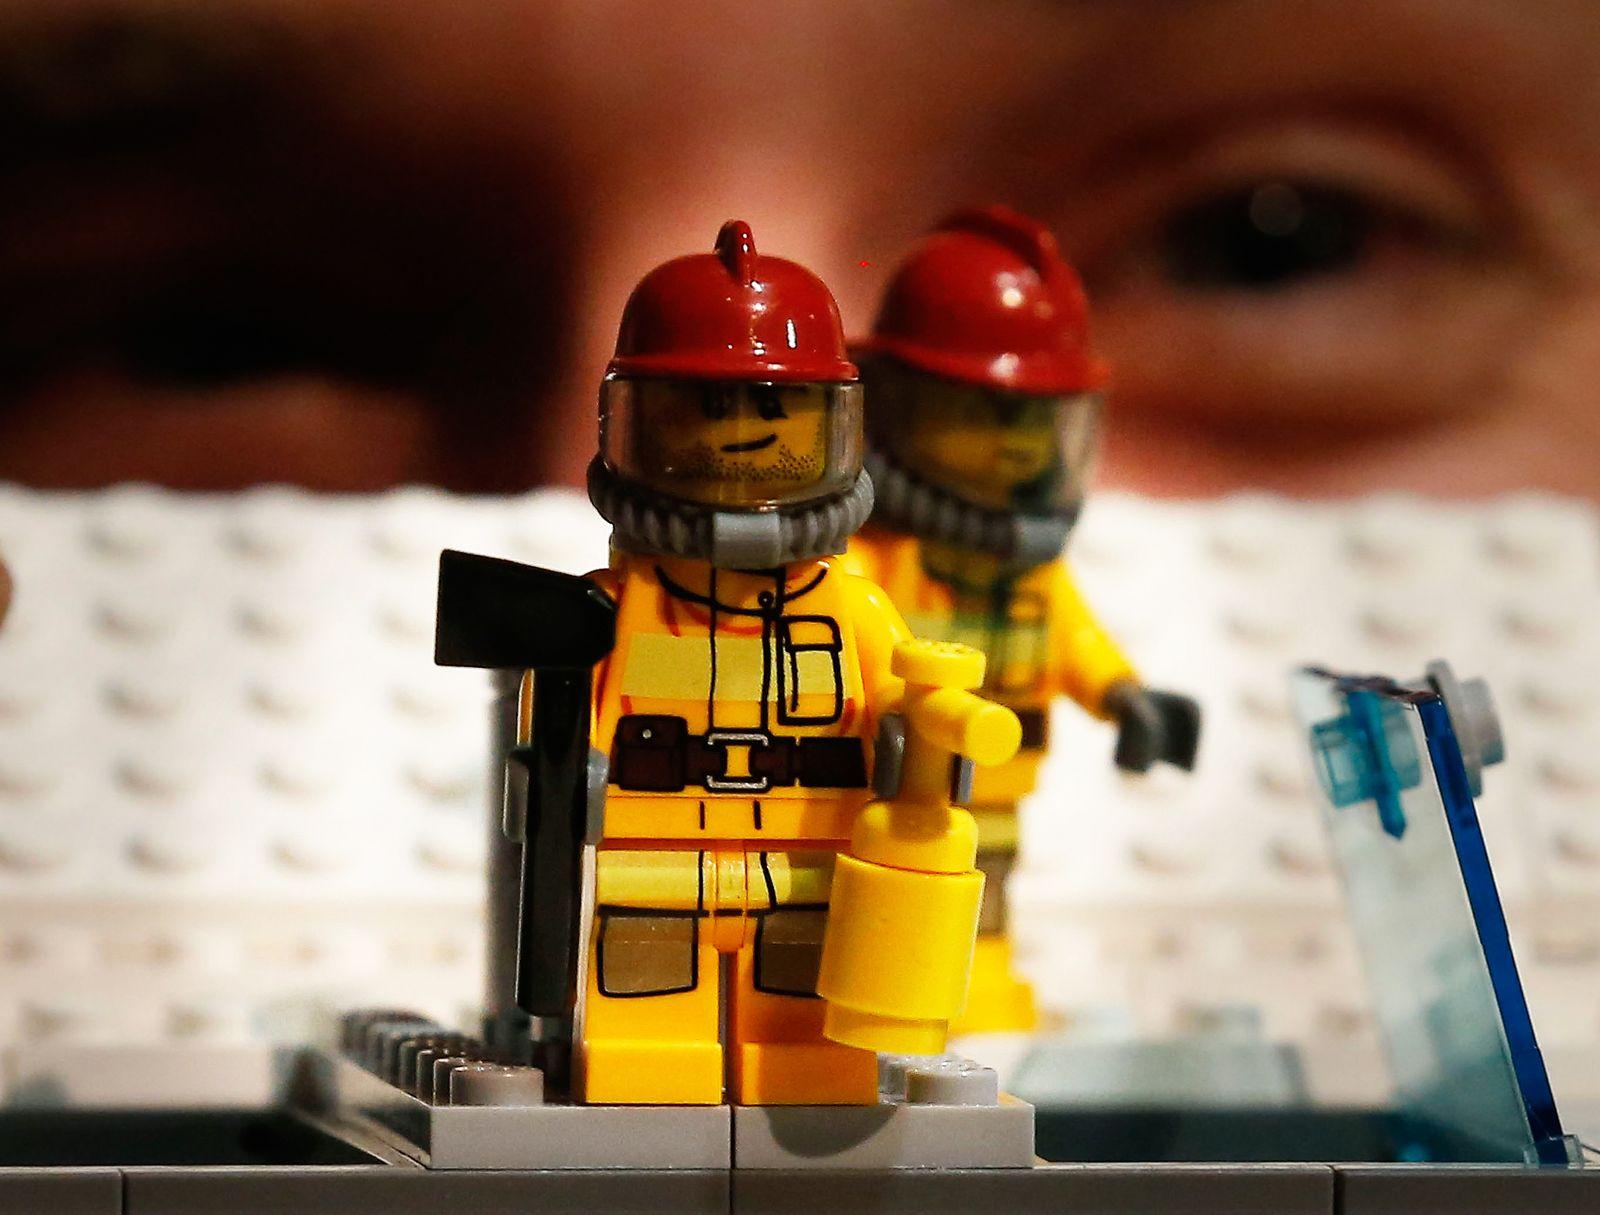 Lego / Feuerwehr / Feuerlöscher / Feuer